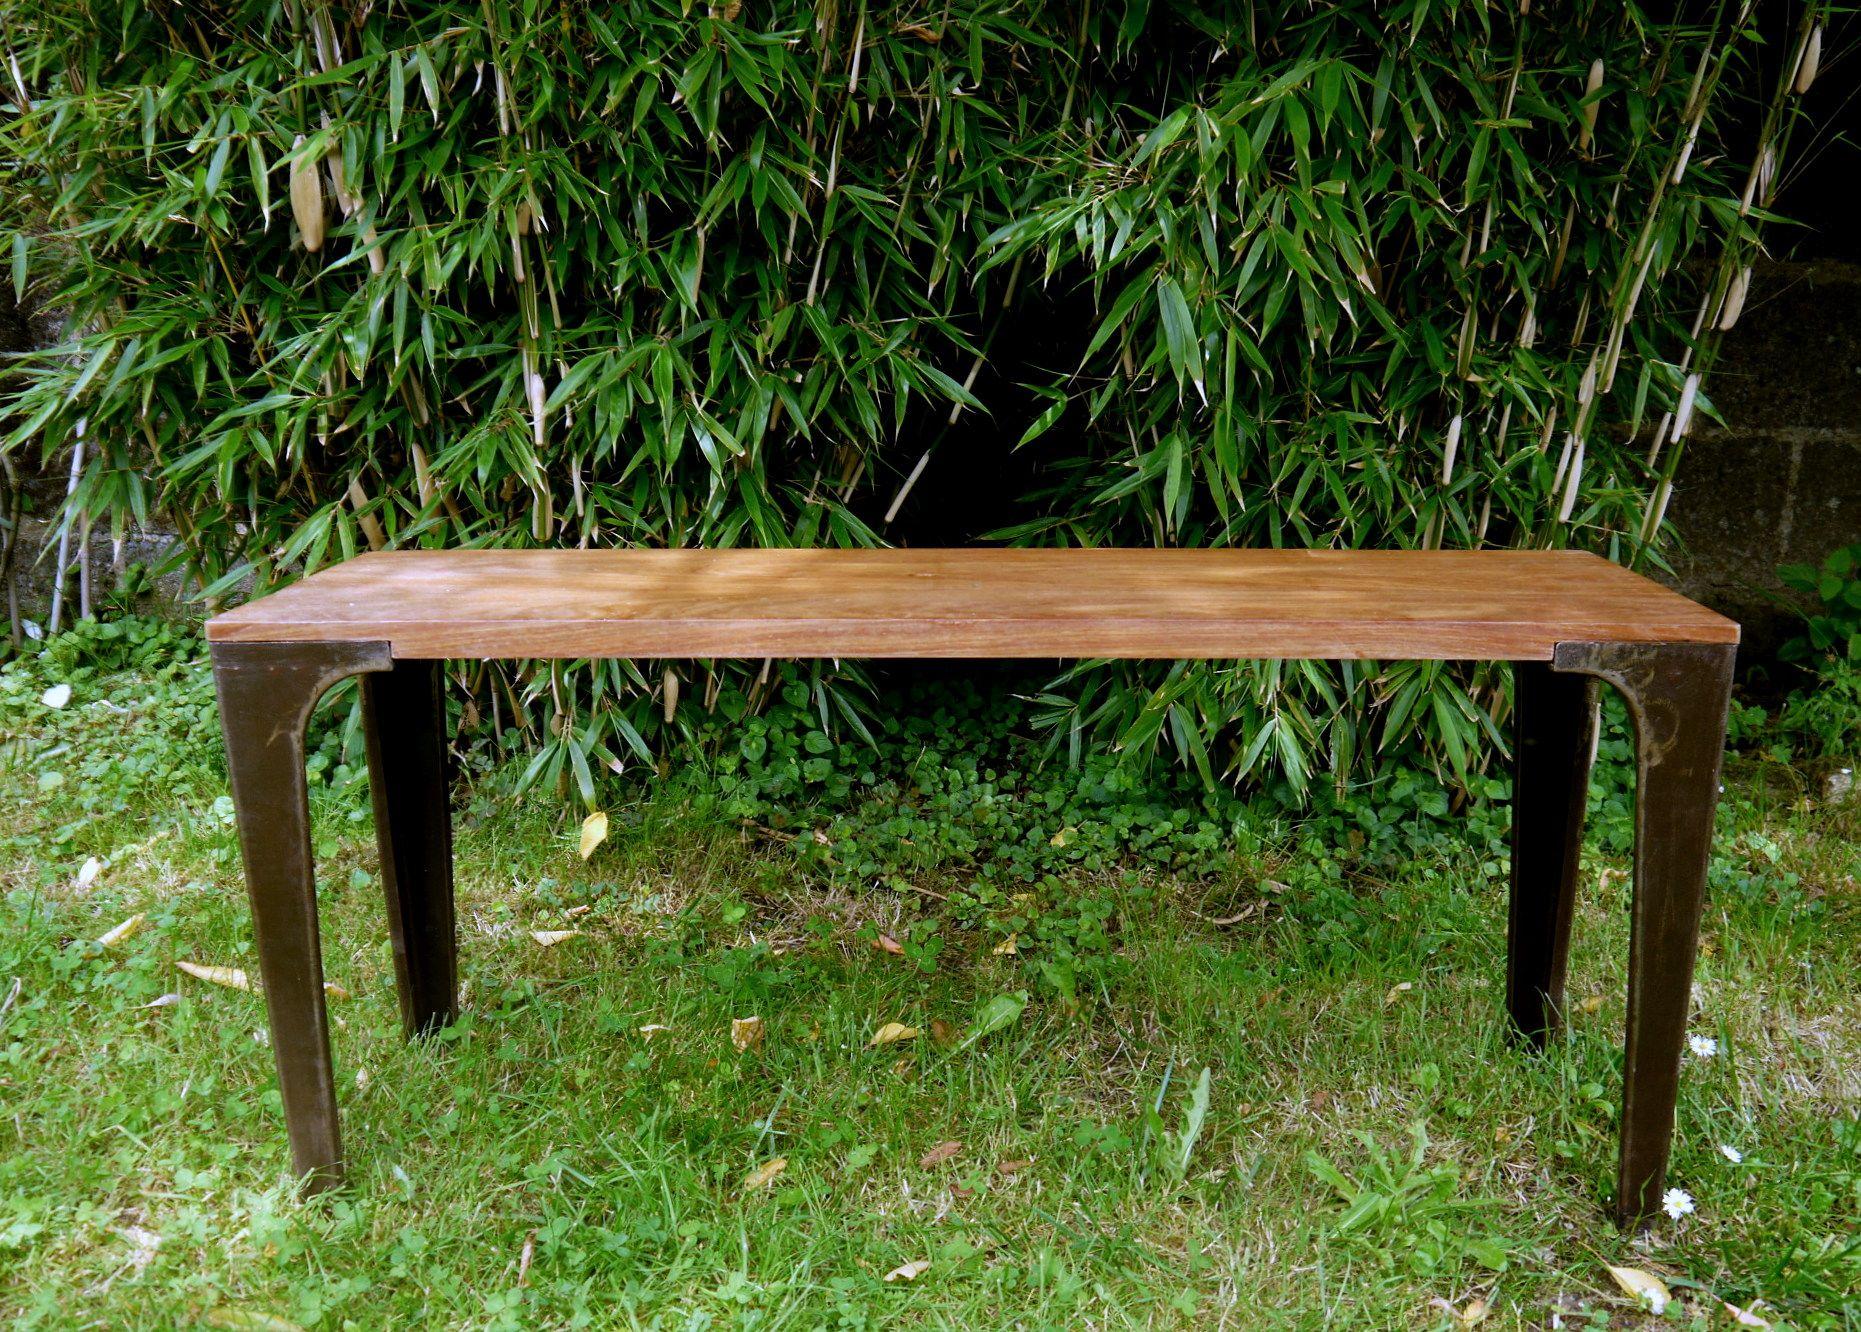 Ce banc est réalisé avec de belles planches de bois massif